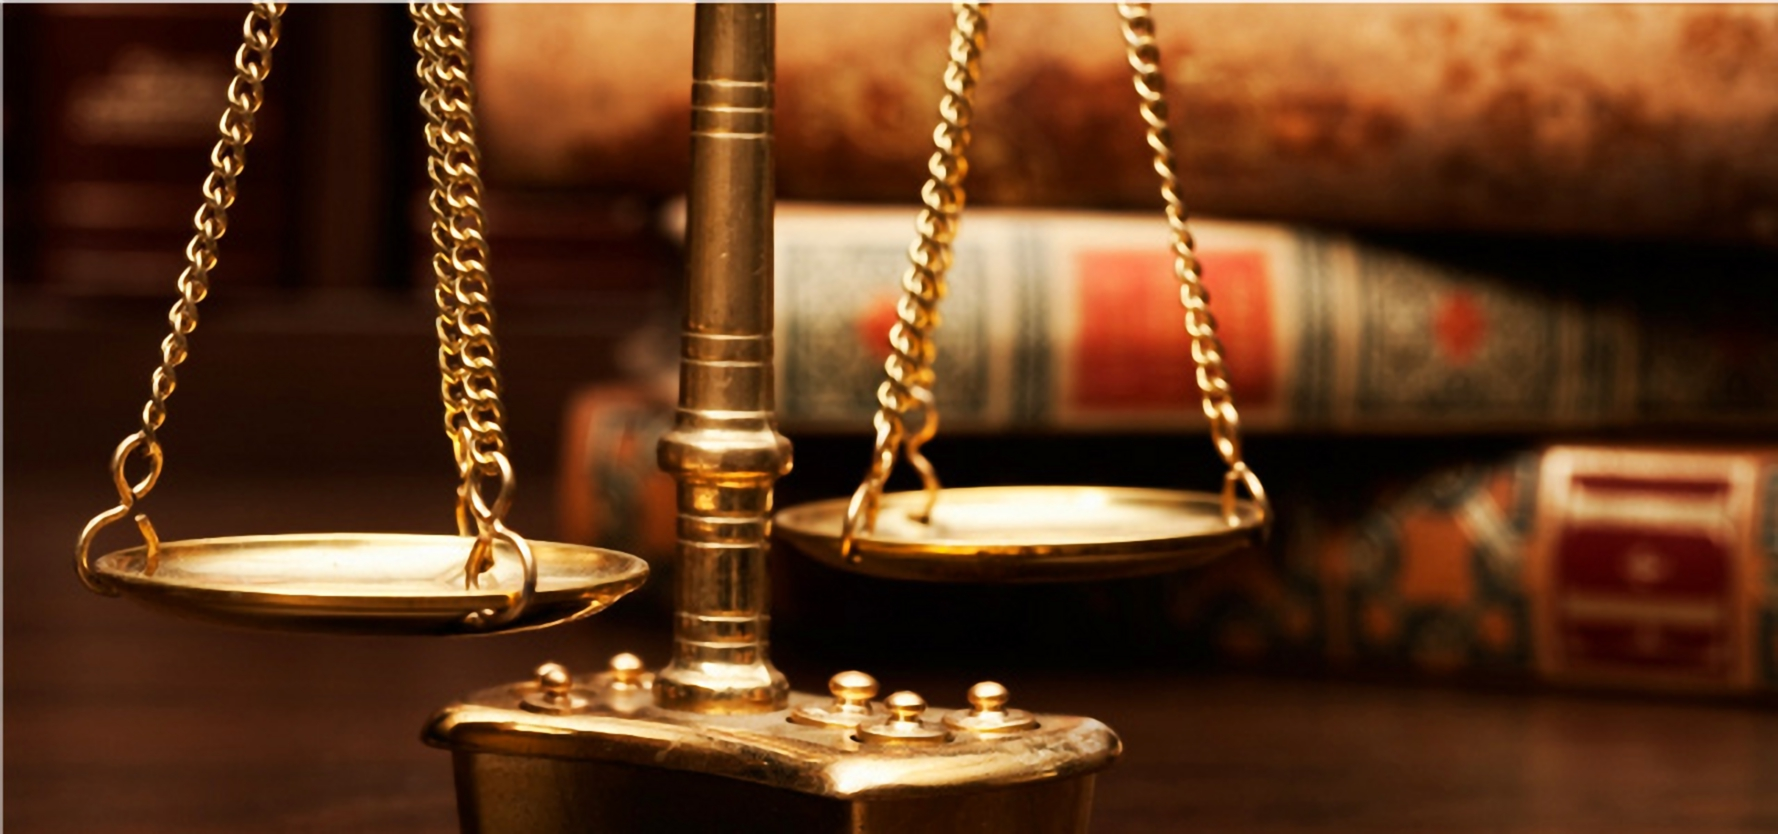 نظام قضایی دوره اسلامی(قسمت ۲)